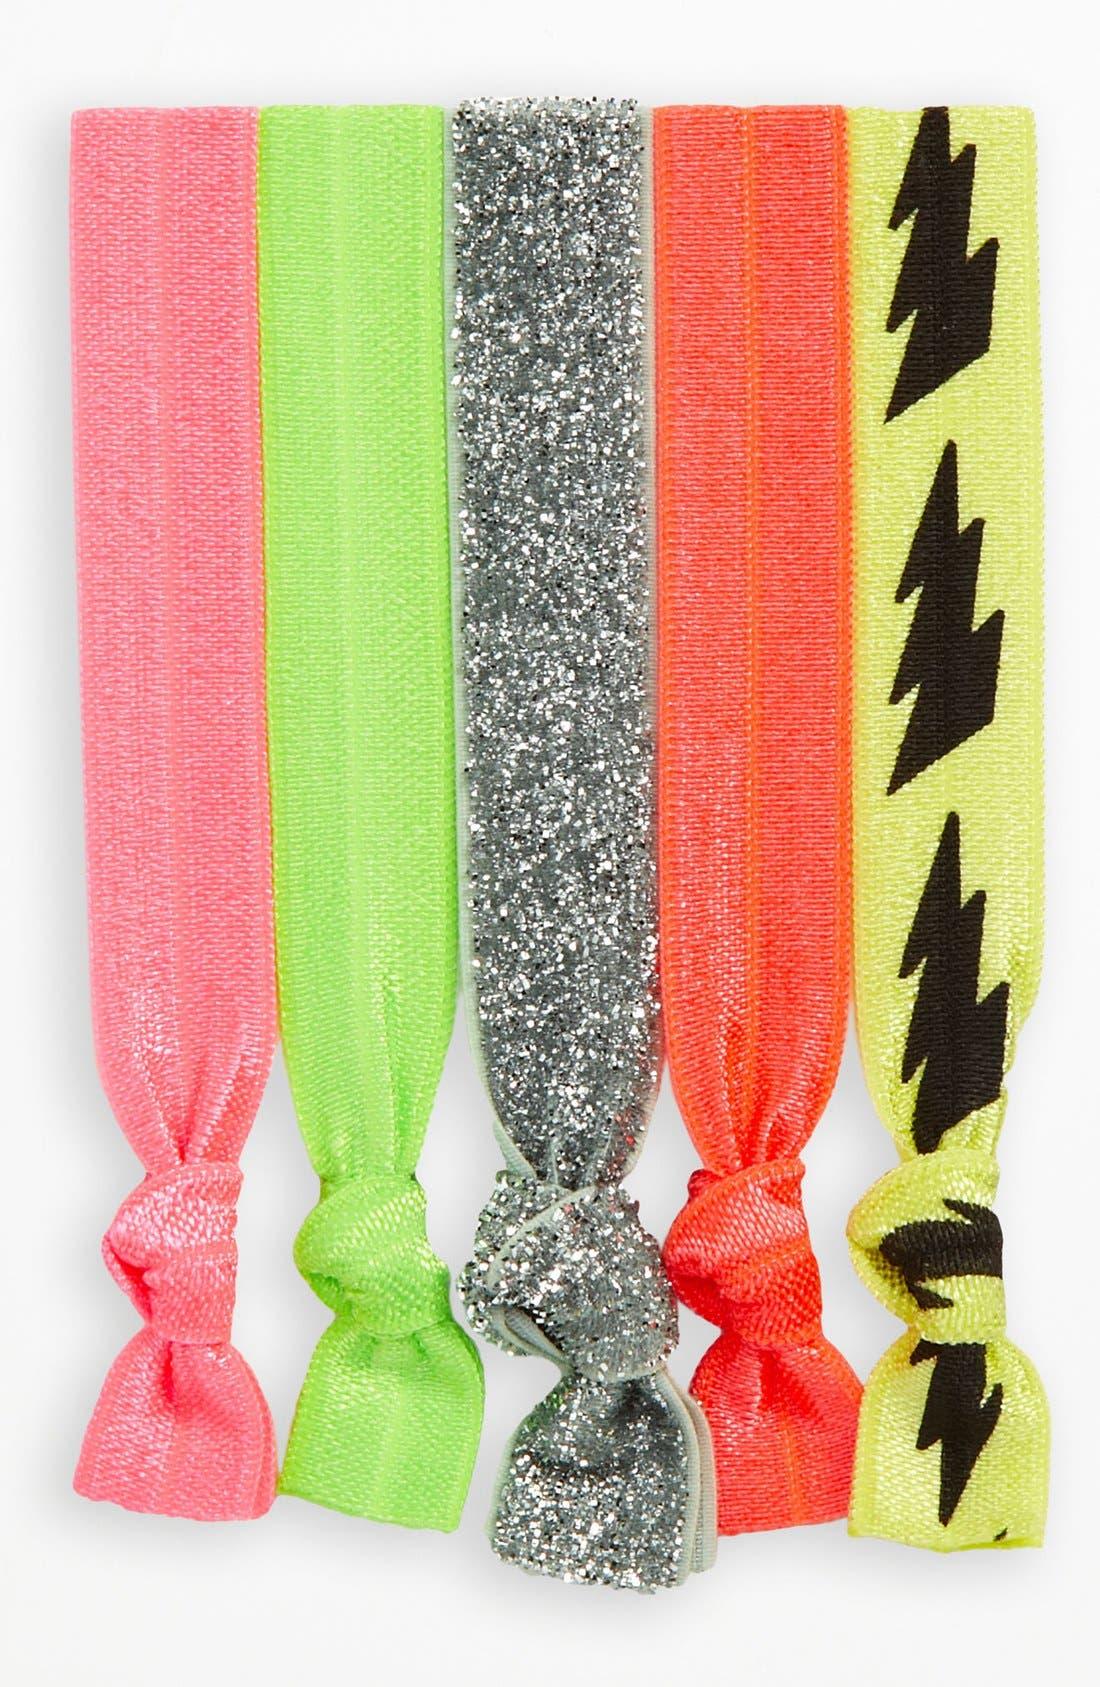 Main Image - Kitsch Hair Ties (Set of 5) (Girls)